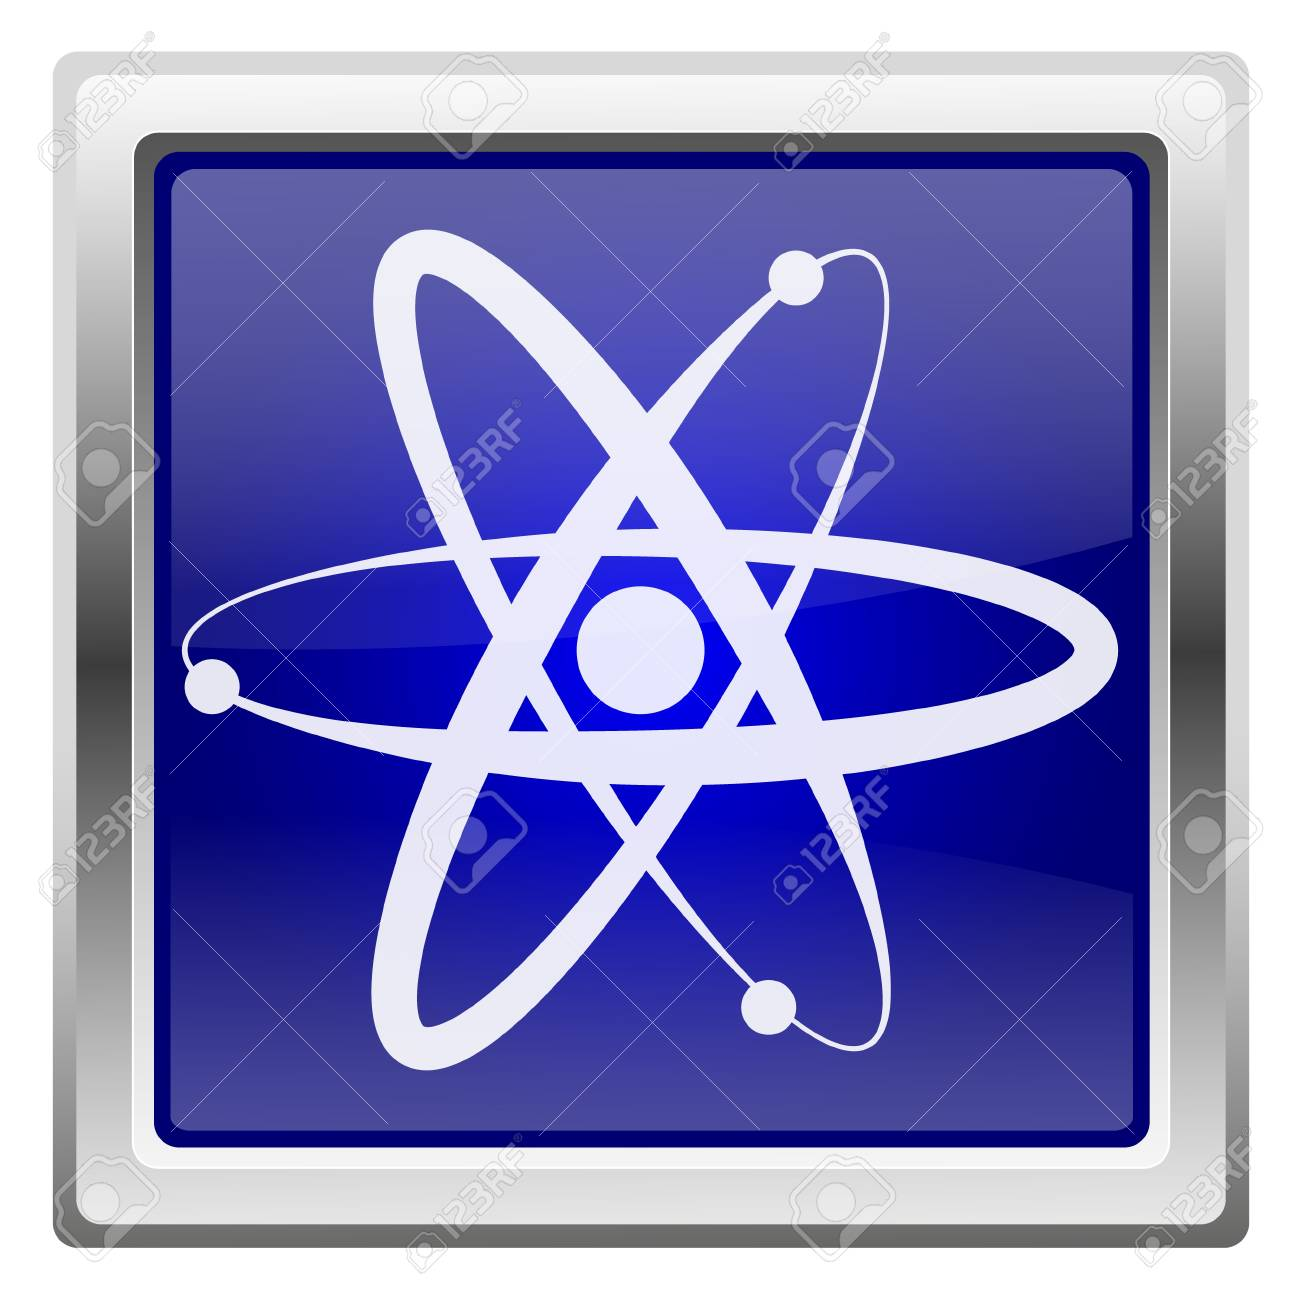 Metallic shiny icon with white design on blue background Stock Photo - 20609484